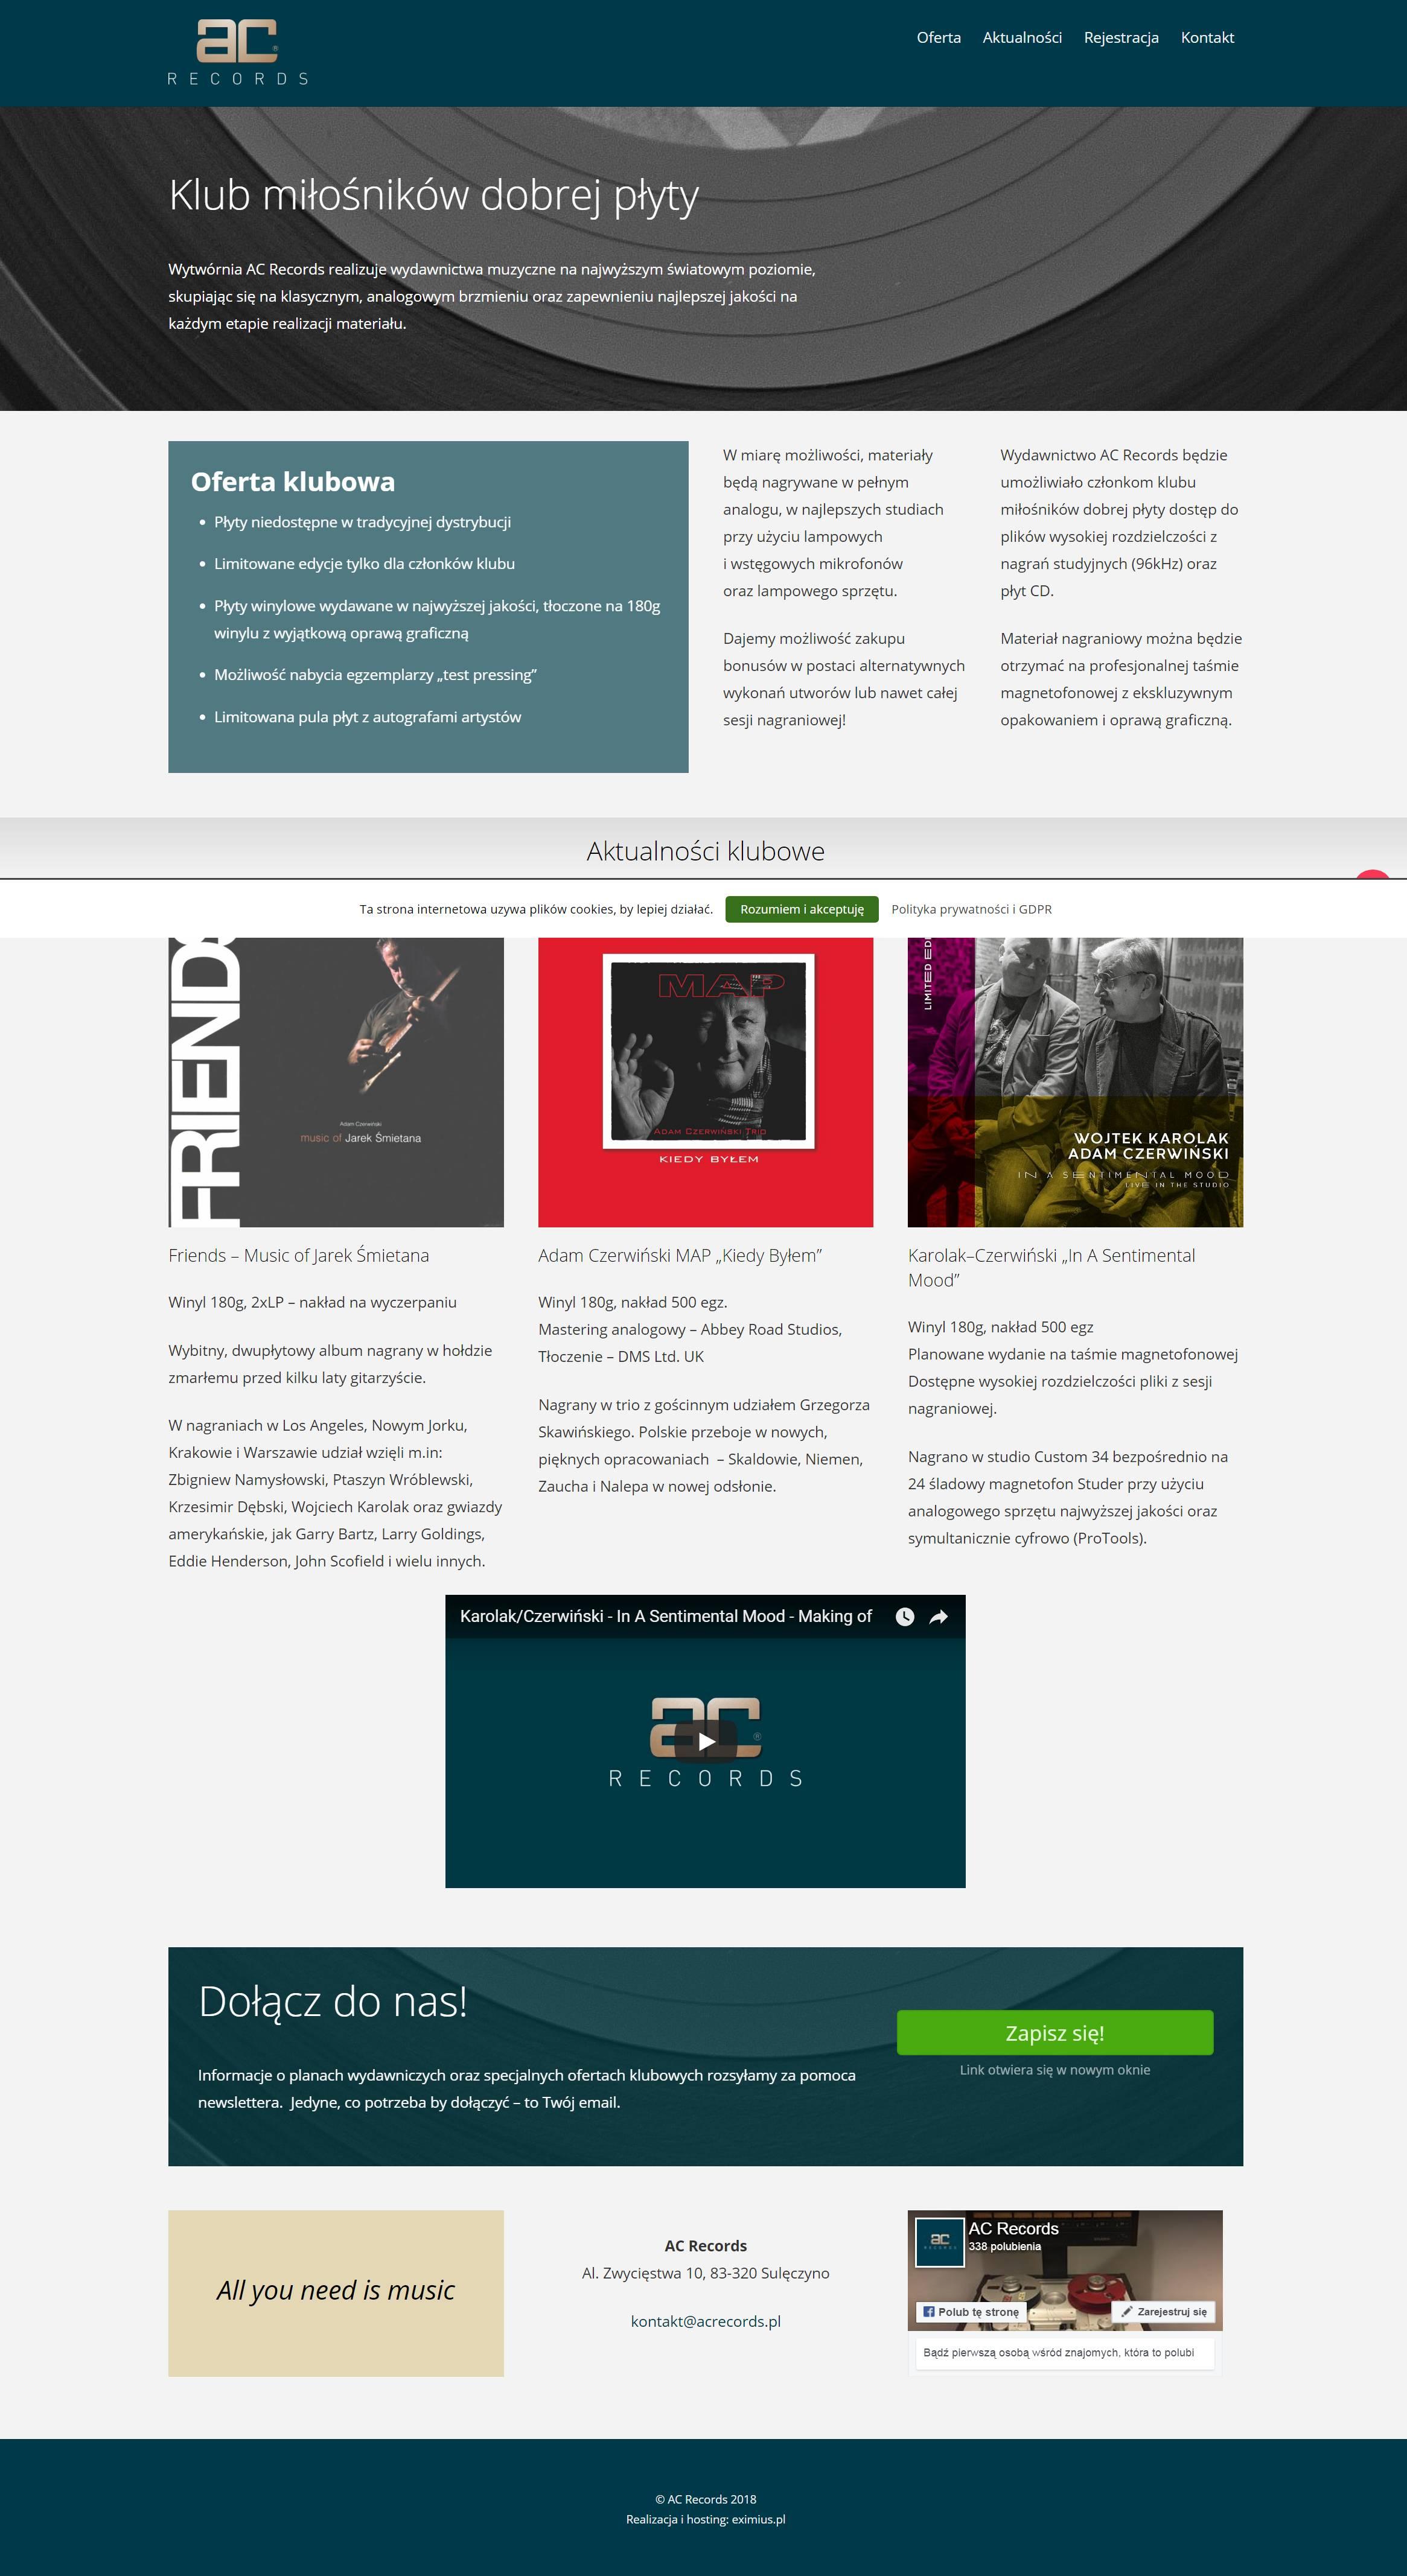 projektowanie-budowa-stron-internetowych-wordpress-responsywne-strony-www_wytwornia-plytowa